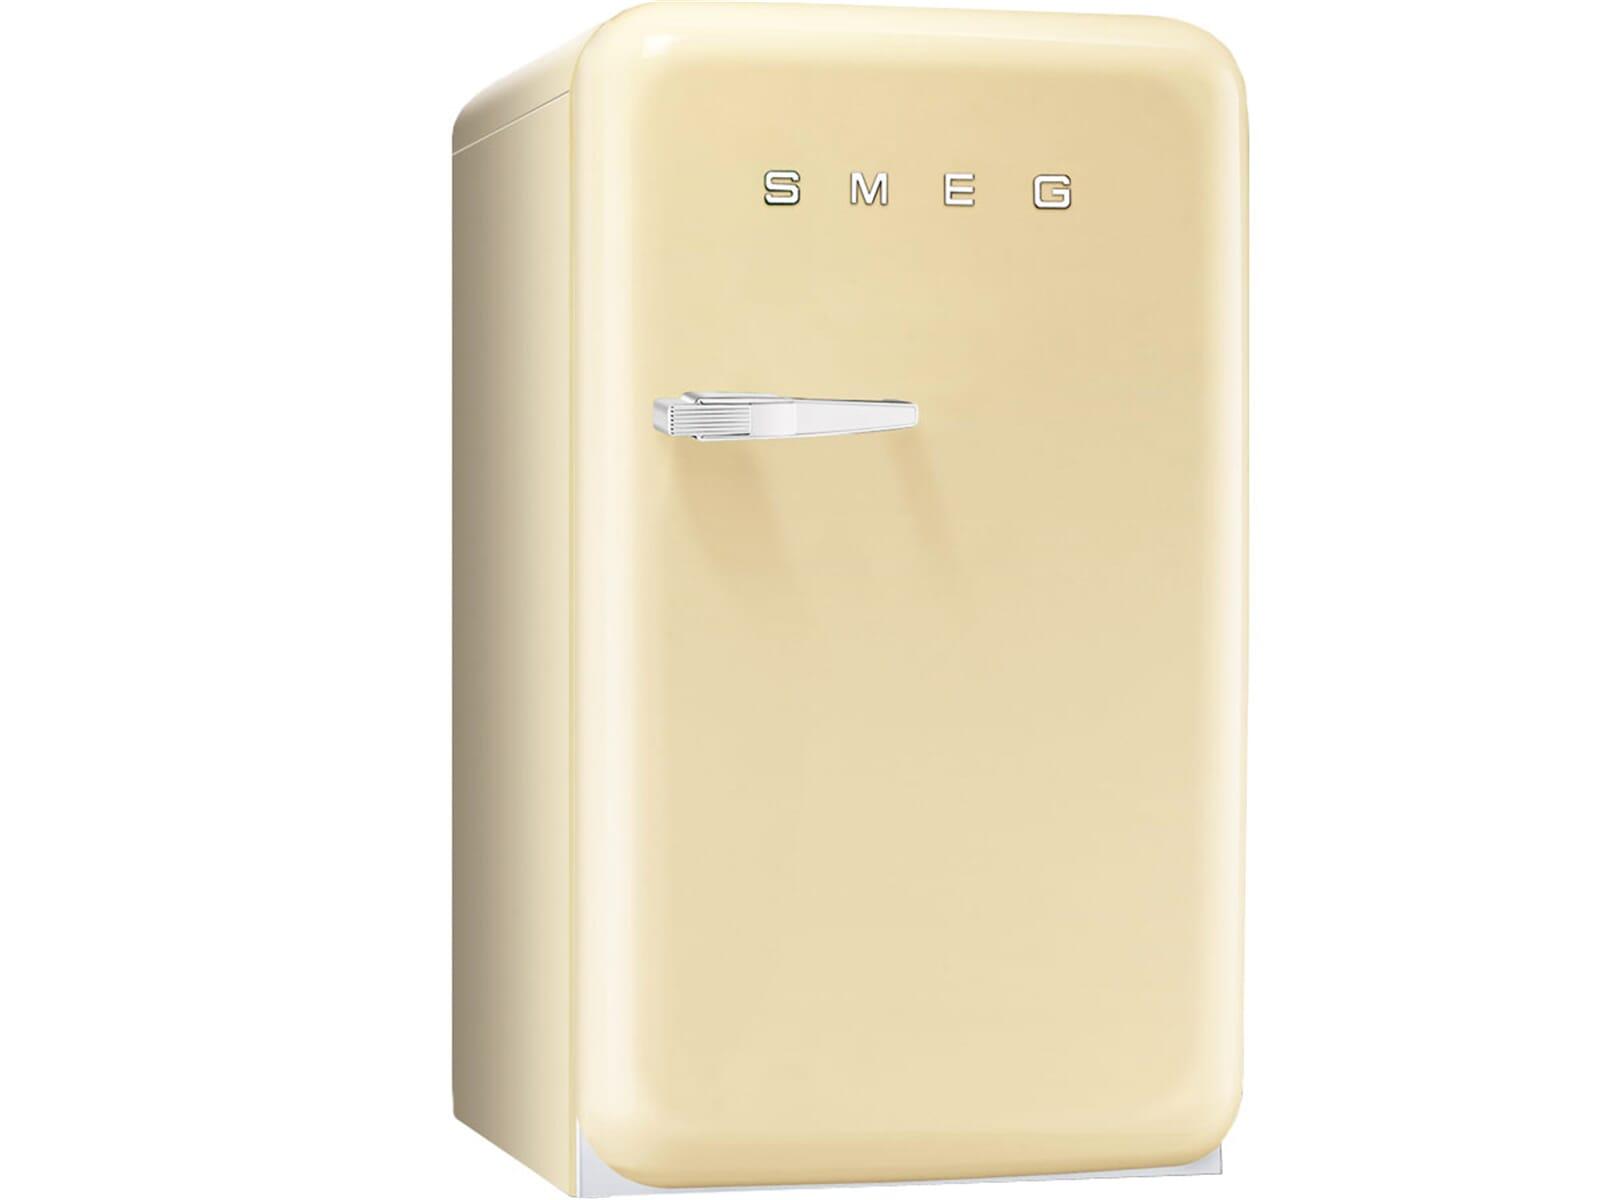 Kühlschrank Von Smeg : Smeg kühlschrank smeg fab fridge smeg ambientedirect